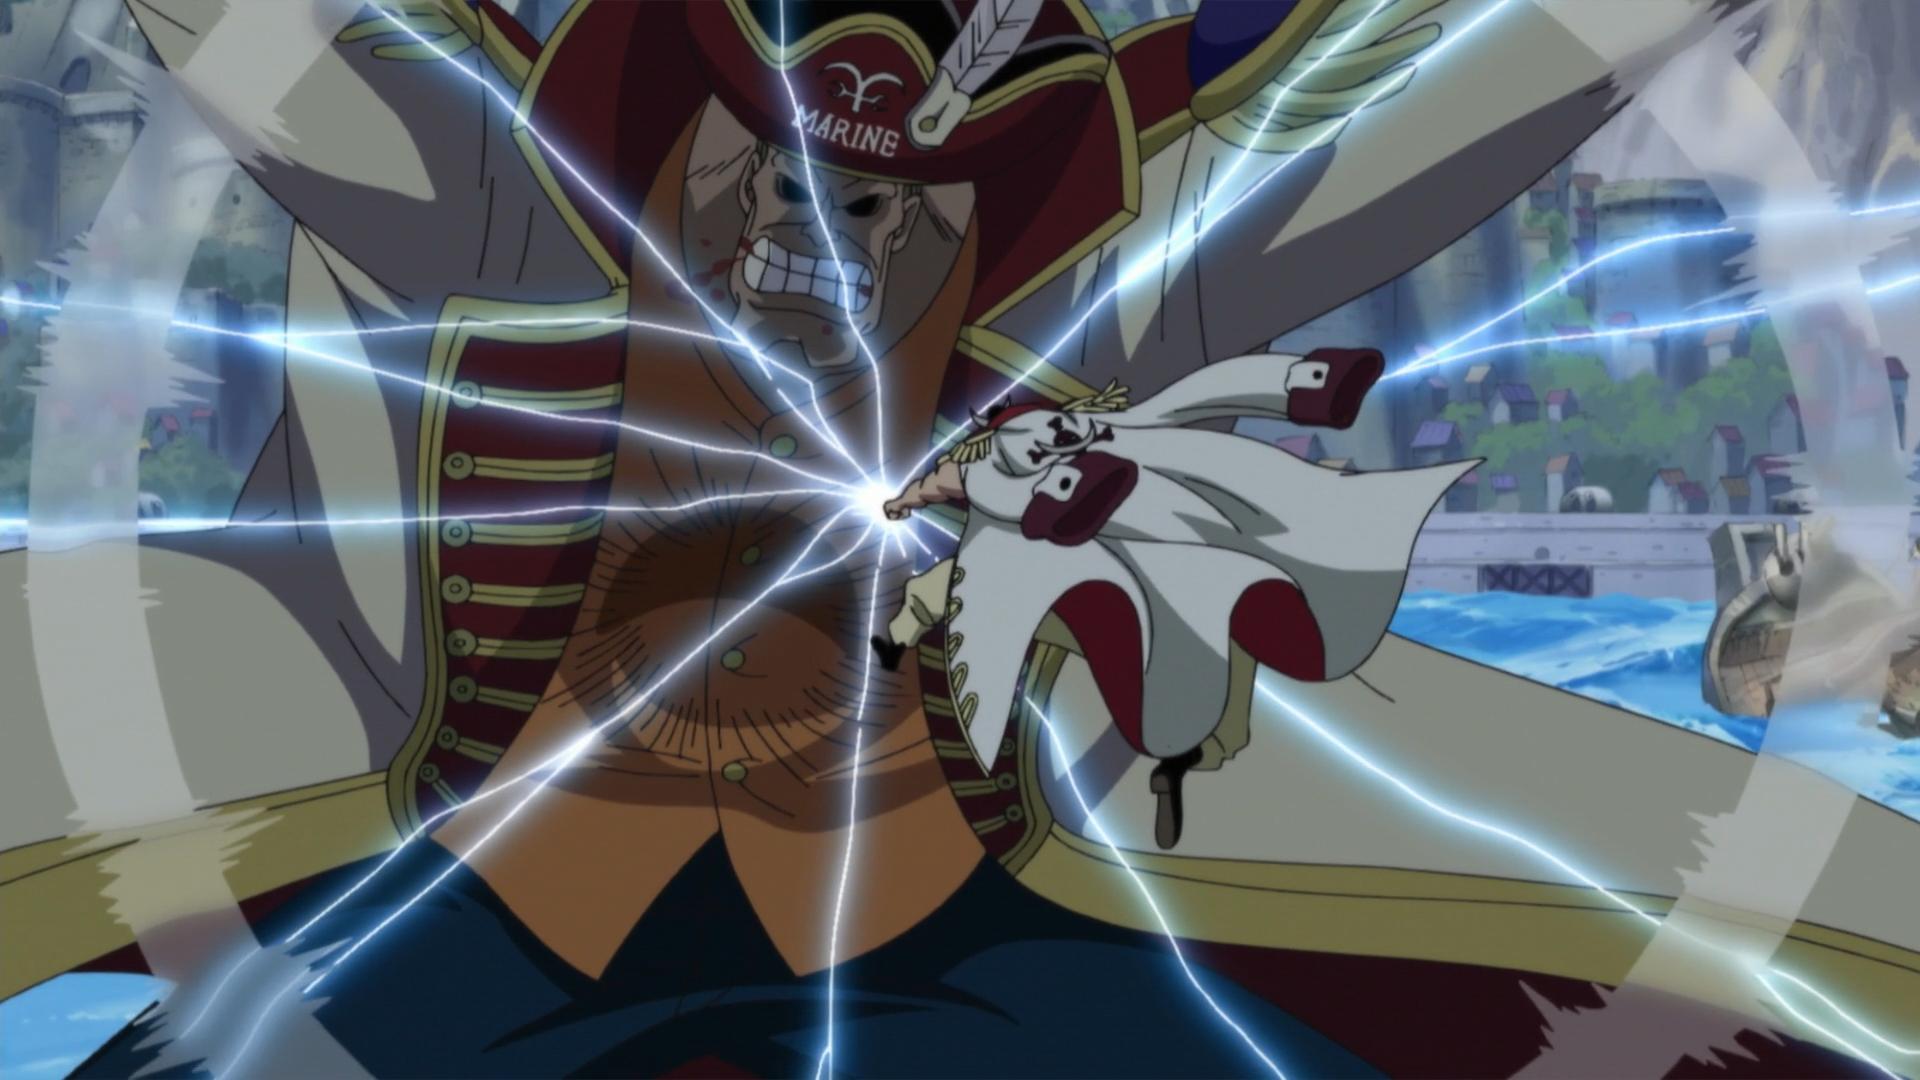 Roblox One Piece Legendary อ พเดทผลไม ป ศาจใหม ผล Gura Gura No - Gura Gura No Mi One Piece Wiki Fandom